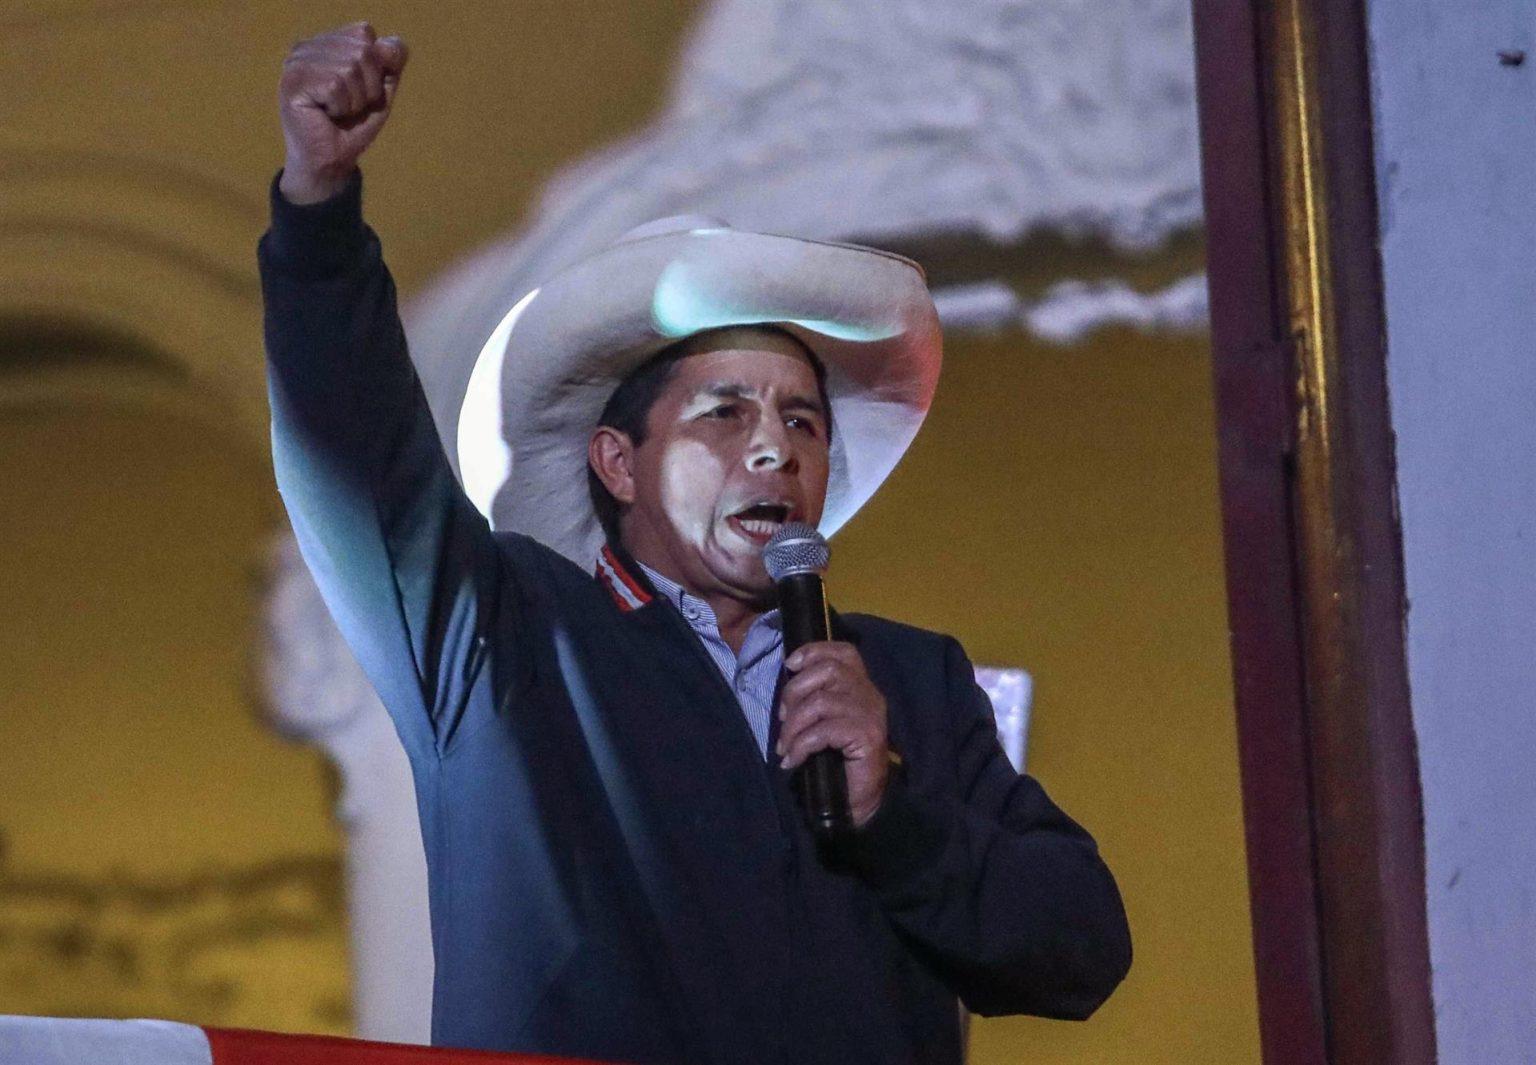 Elecciones Perú: Pedro Castillo espera pacientemente los resultados oficiales